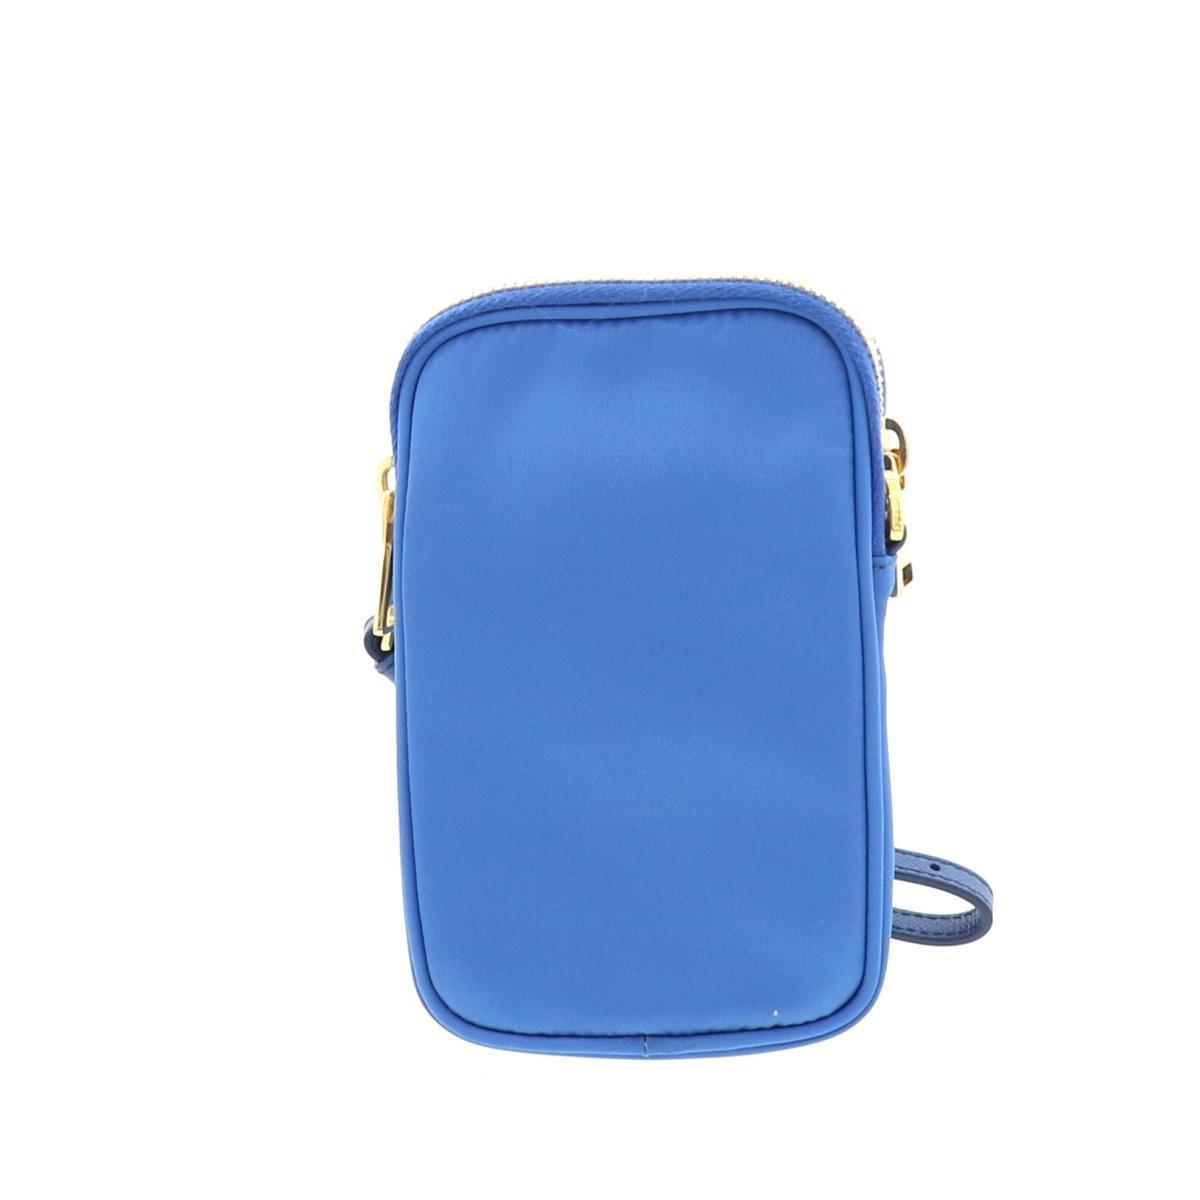 【中古】PRADA プラダ 2WAY ミニショルダーバッグ バッグ ショルダーバッグ/ポーチ  Blue/ブルー ナイロン 1N1860 used:A